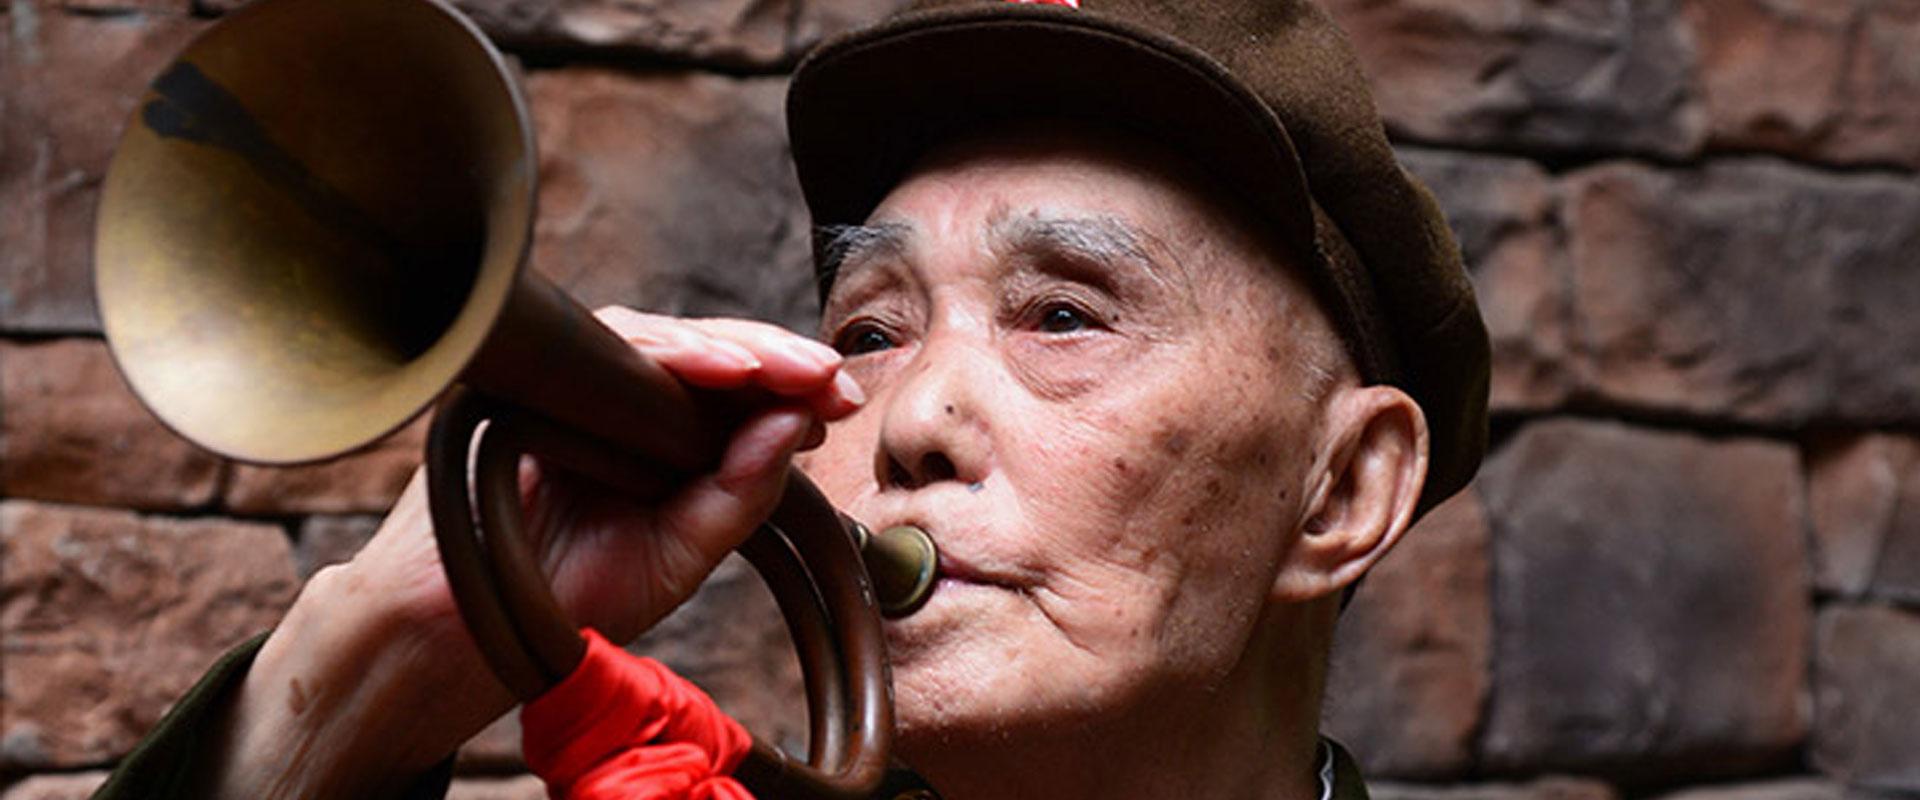 97岁老红军寄语新一代军人:永远吹响冲锋号